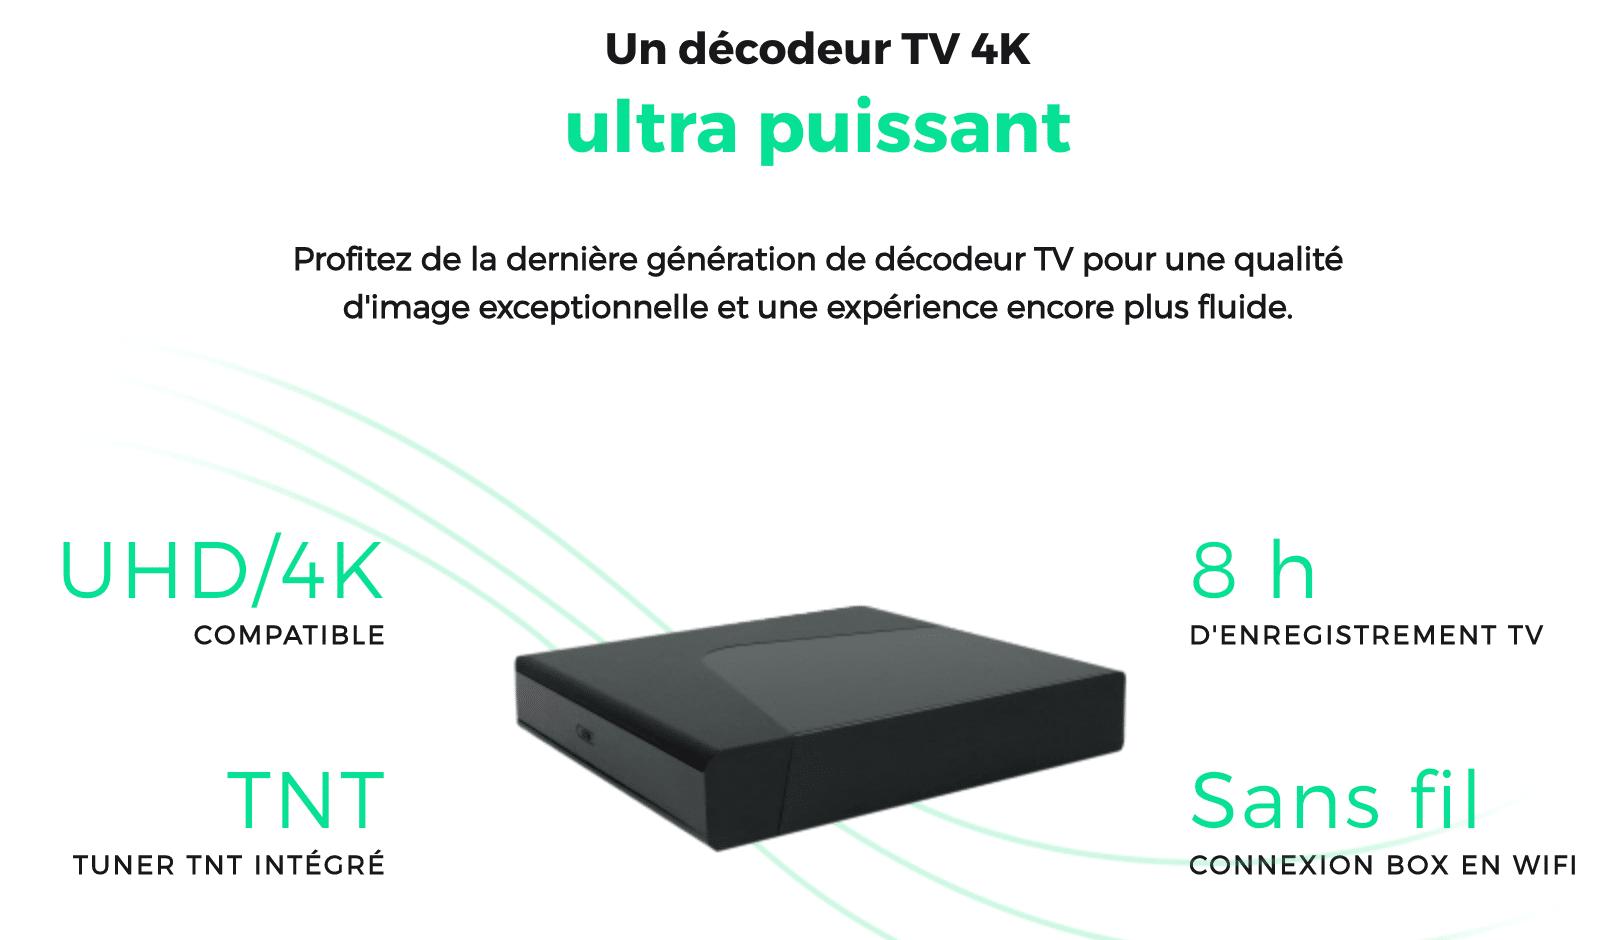 caractéristiques du décodeur TV Red by SFR